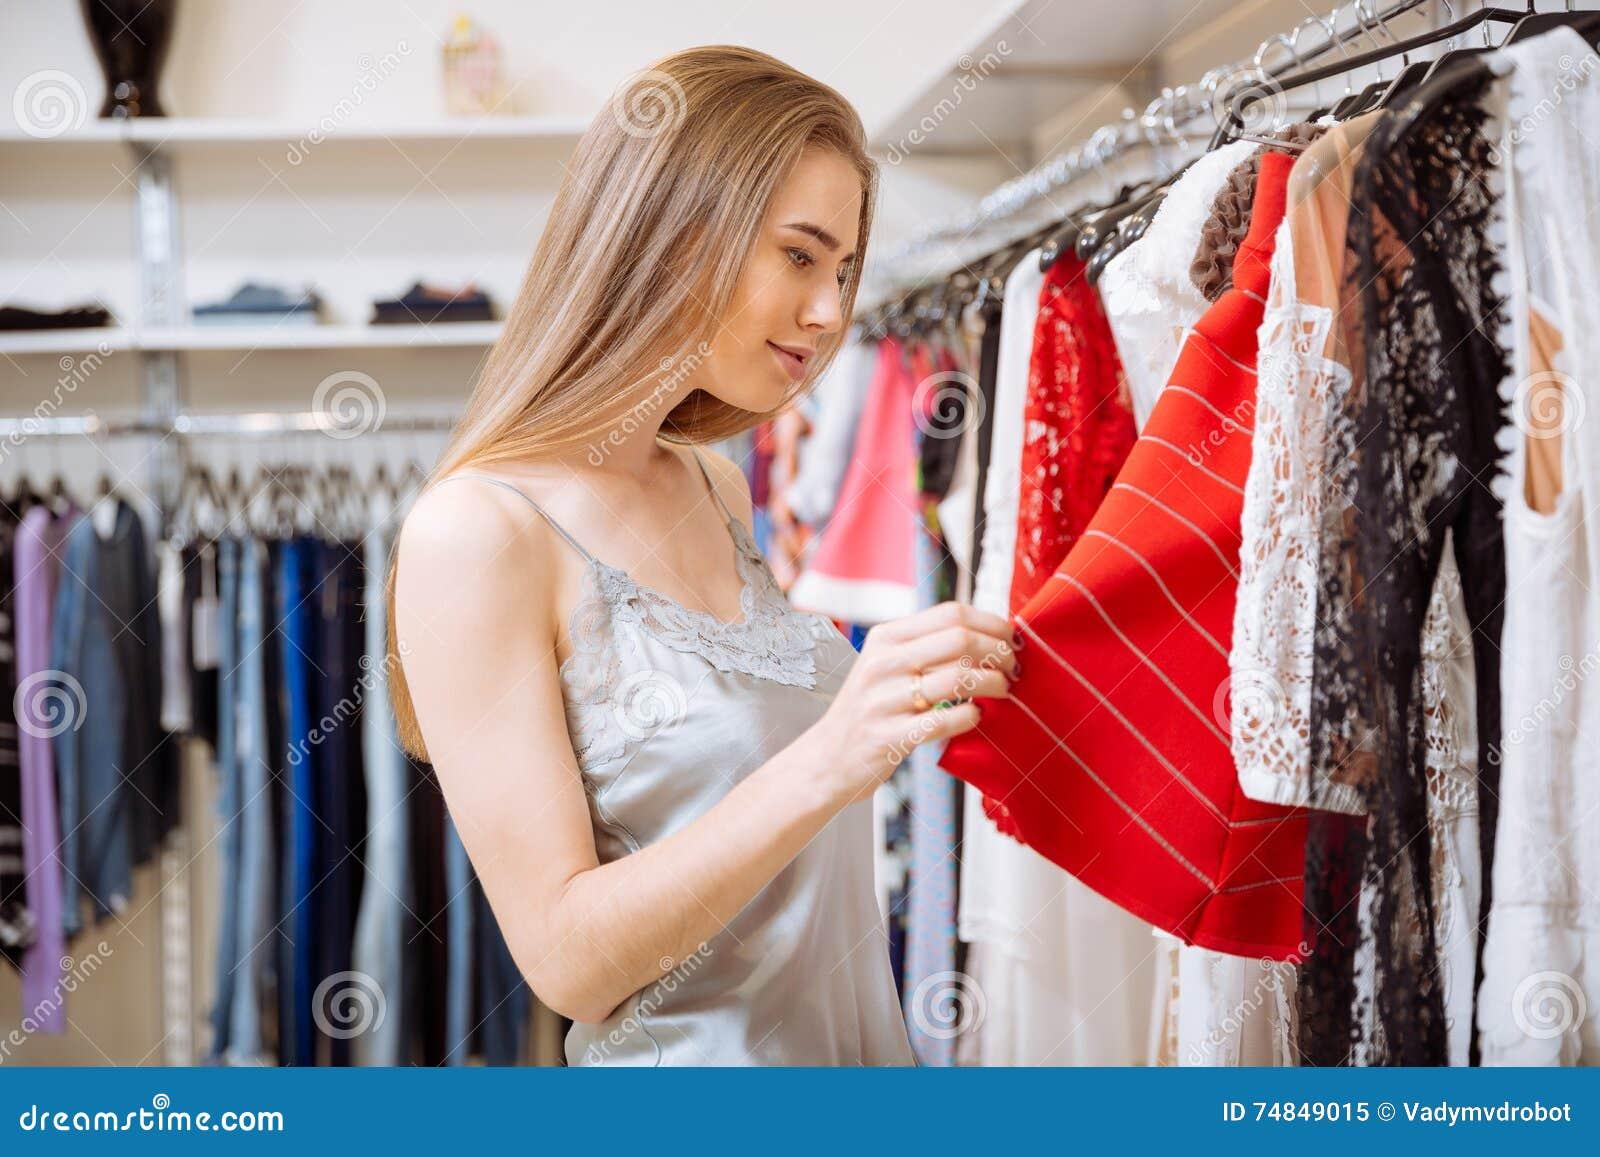 clothes shop Adult